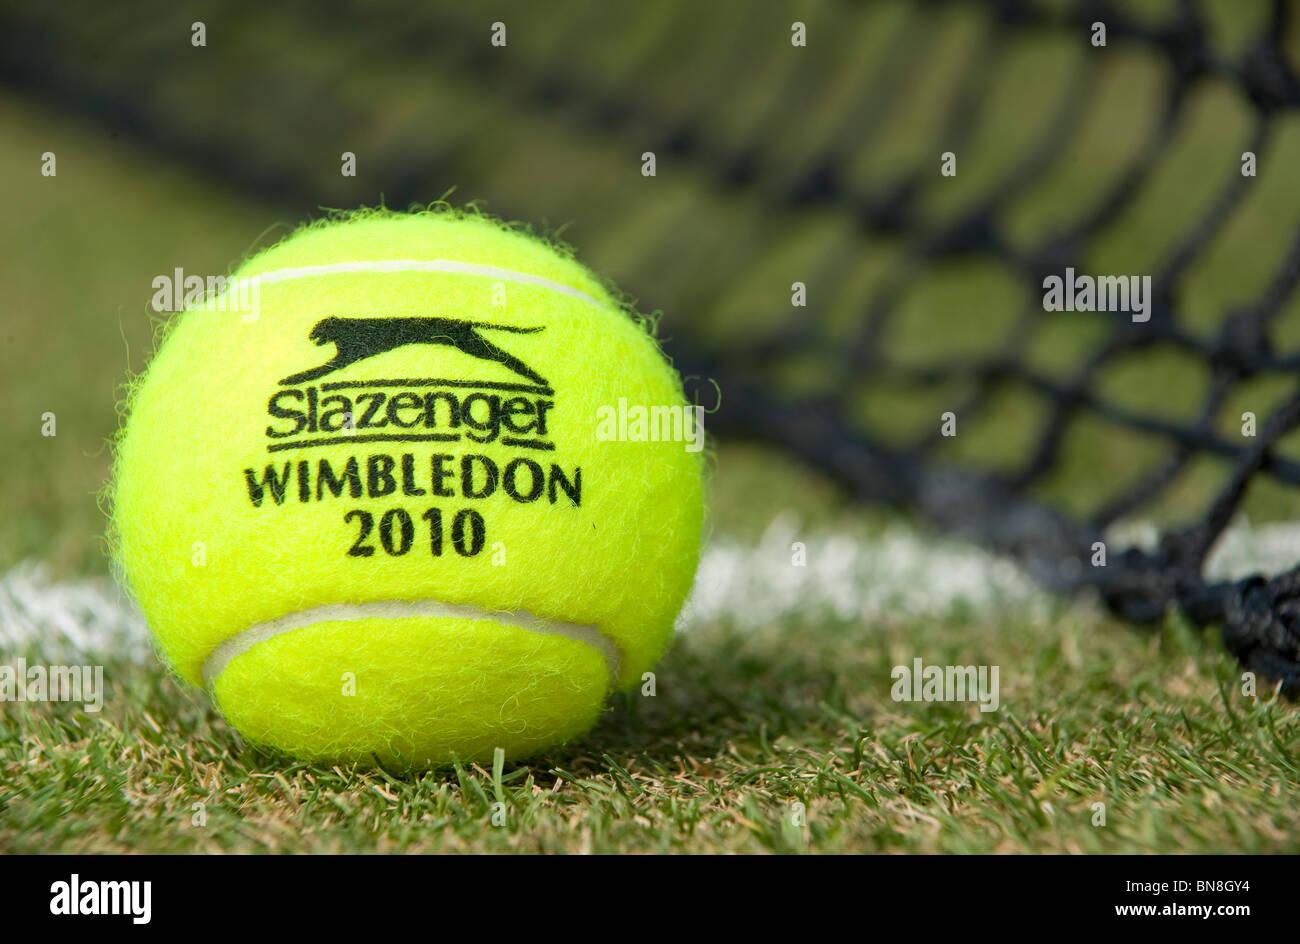 Wimbledon 2010 Slazenger palla da tennis si siede su una corte di erba durante il torneo di Wimbledon Tennis Championships Immagini Stock